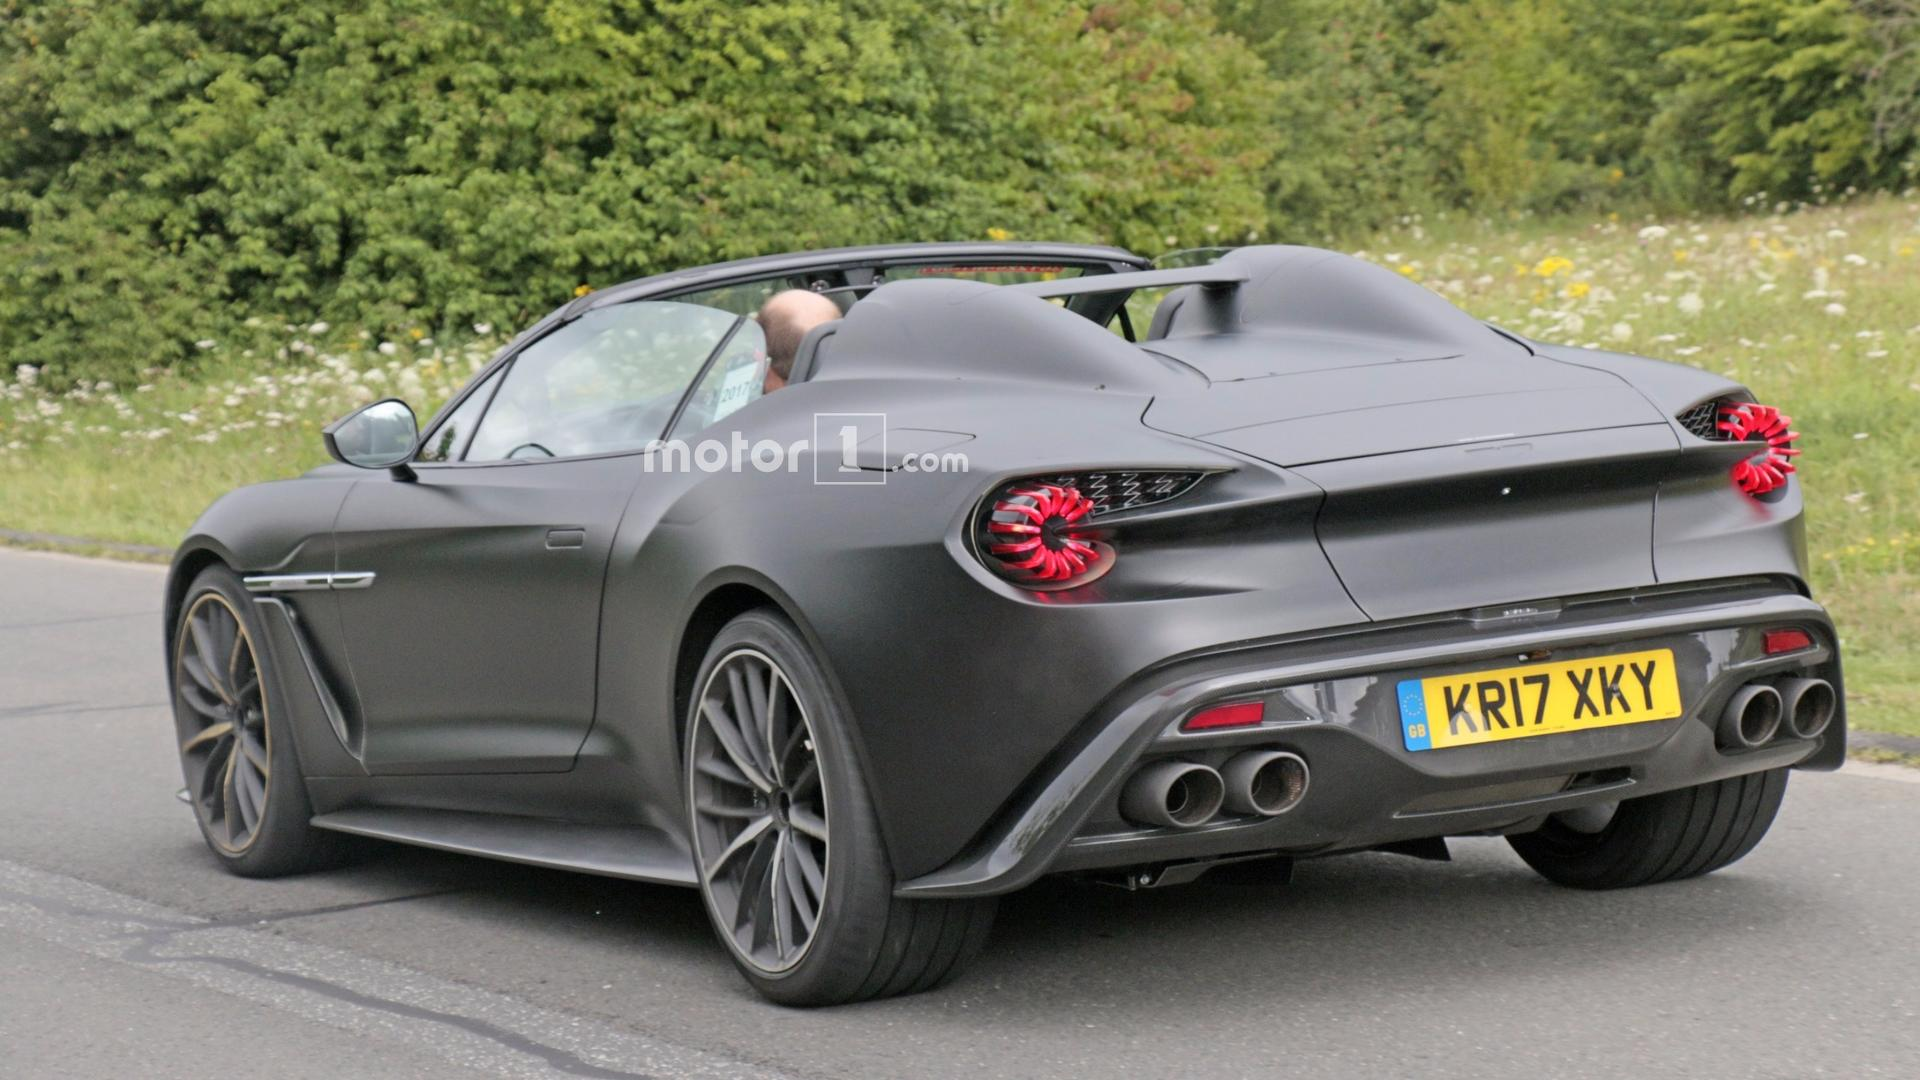 Aston Martin Vanquish Zagato Speedster Spied Undisguised